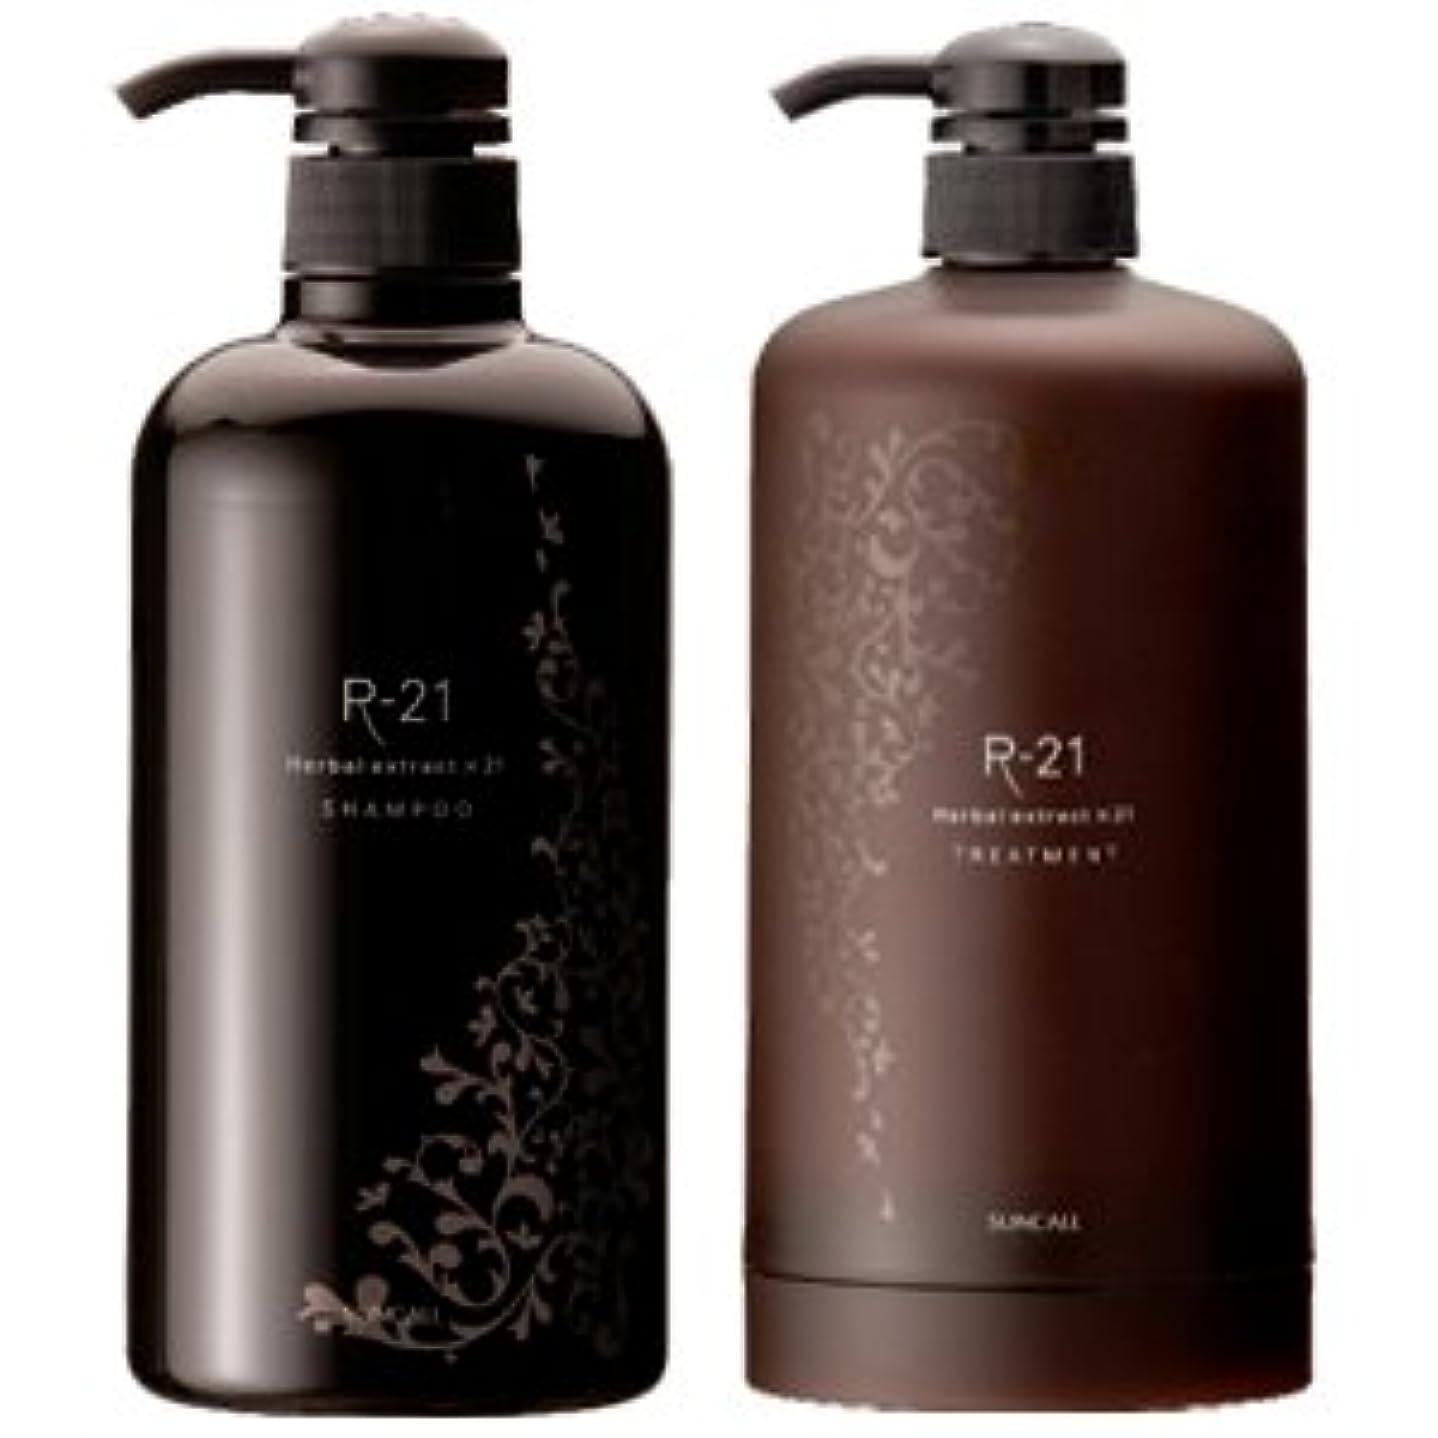 抗生物質グリット雄弁家サンコール R-21 シャンプー 700mL + トリートメント 700g ポンプ セット [Shampoo-land限定]